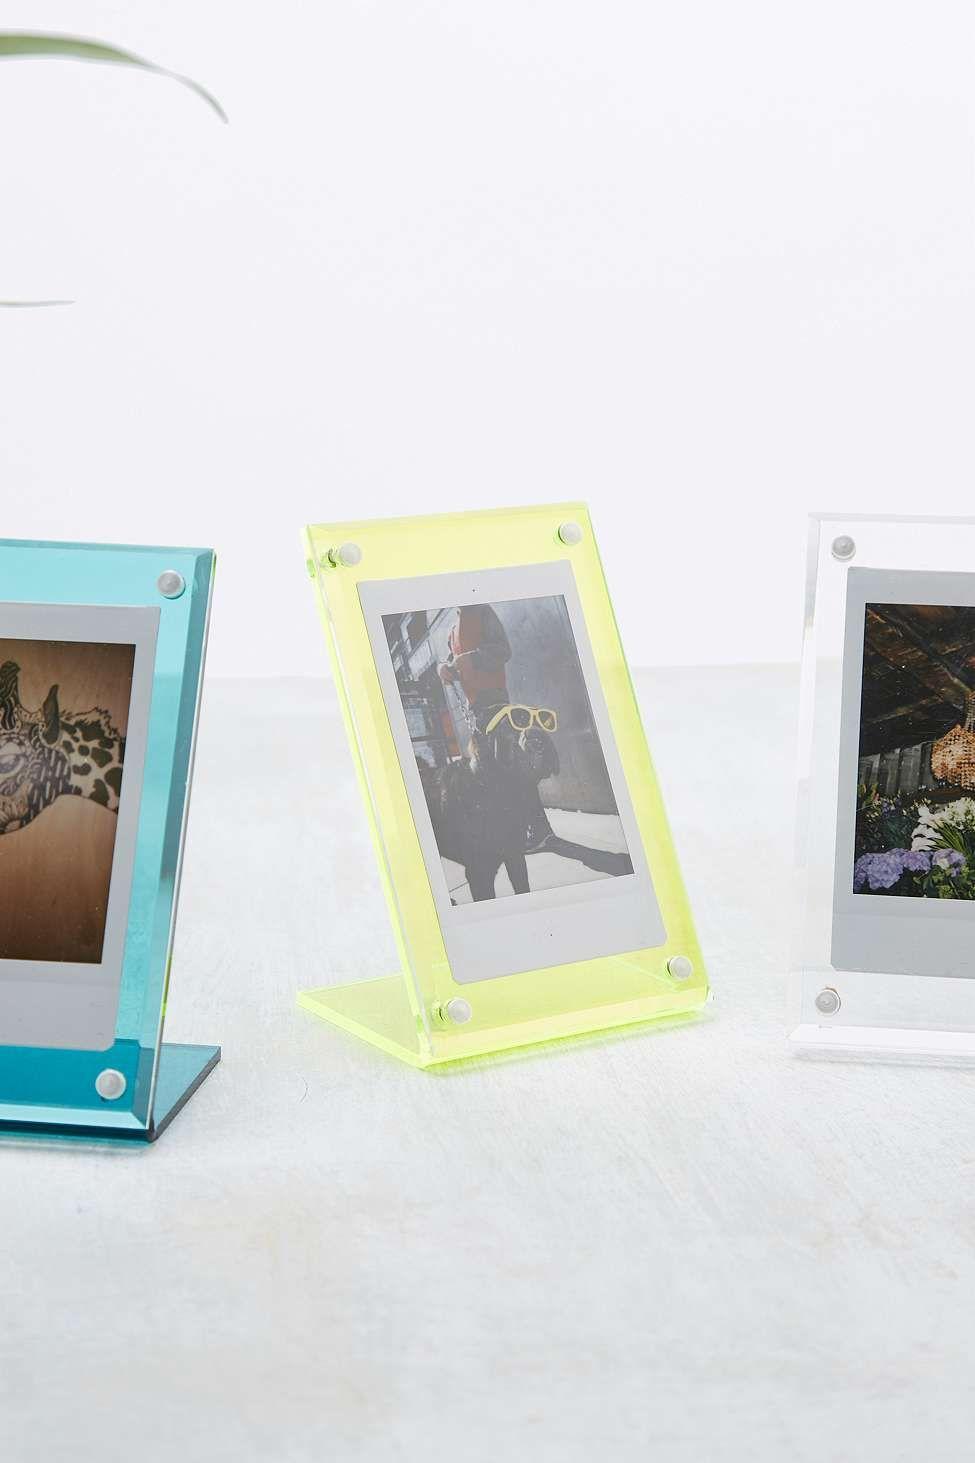 Kleiner Bilderrahmen aus Acryl | Kleine bilderrahmen, Bilderrahmen ...